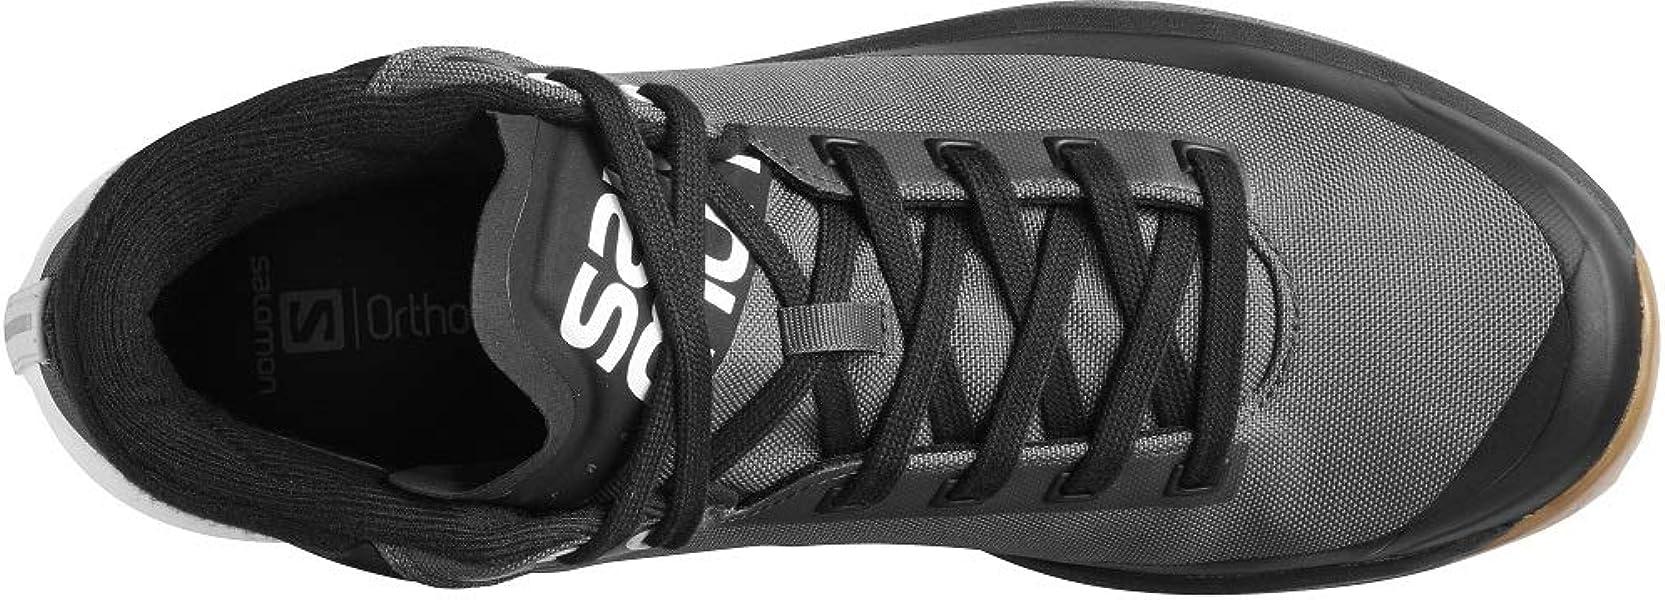 Salomon Acro Chukka WR L402325 Outdoor Sneakers Casual